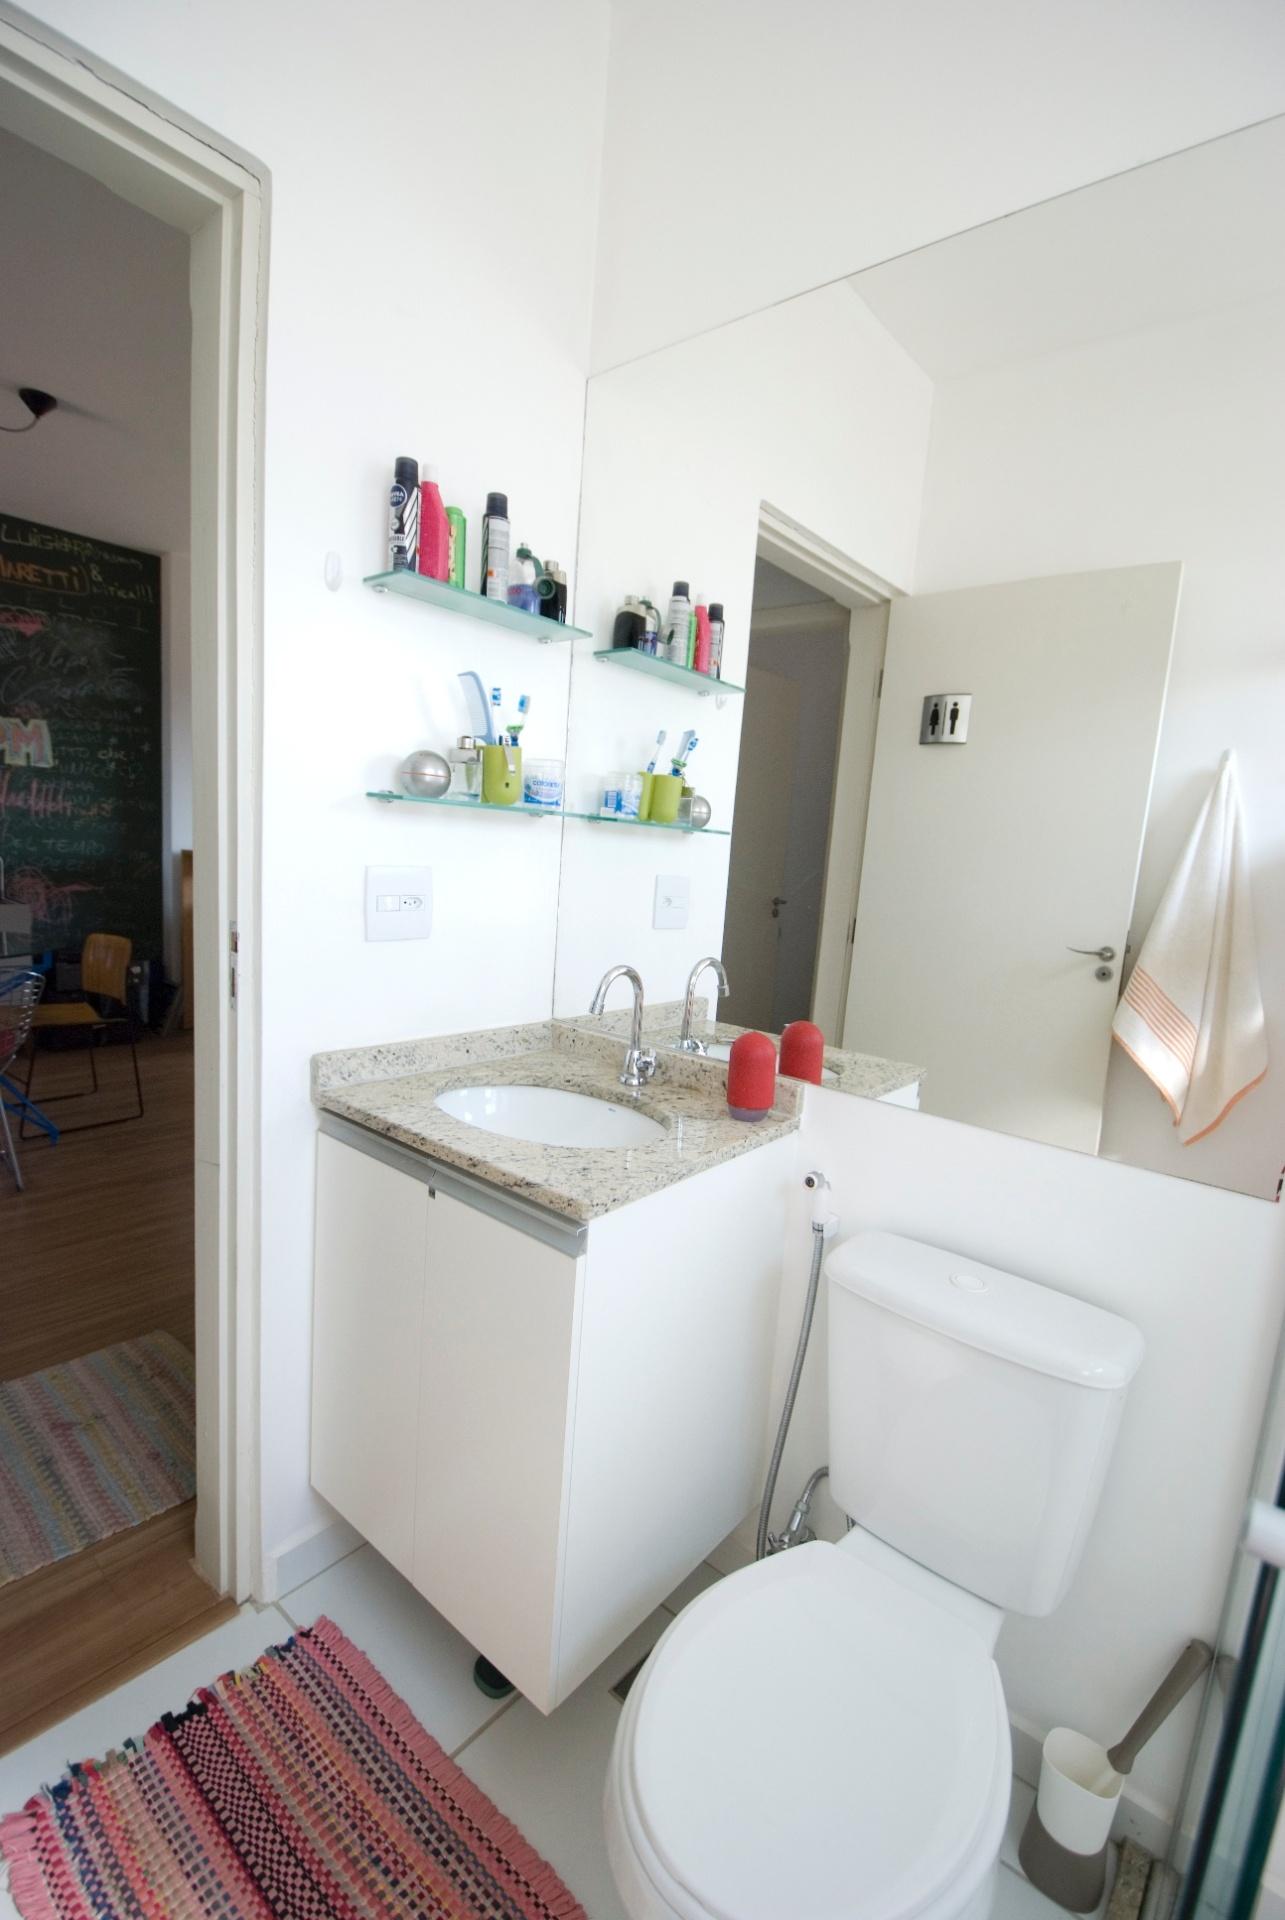 Um espelho grande se estende em uma das paredes do banheiro que ainda tem um pequeno gabinete, com cuba embutida, e prateleiras de vidro. No reflexo da porta do ambiente no espelho, é possível visualizar a simpática plaquinha que indica cômodo unissex. O apartamento em Mogi Mirim (SP) tem decoração projetada por Leandro Matsuda